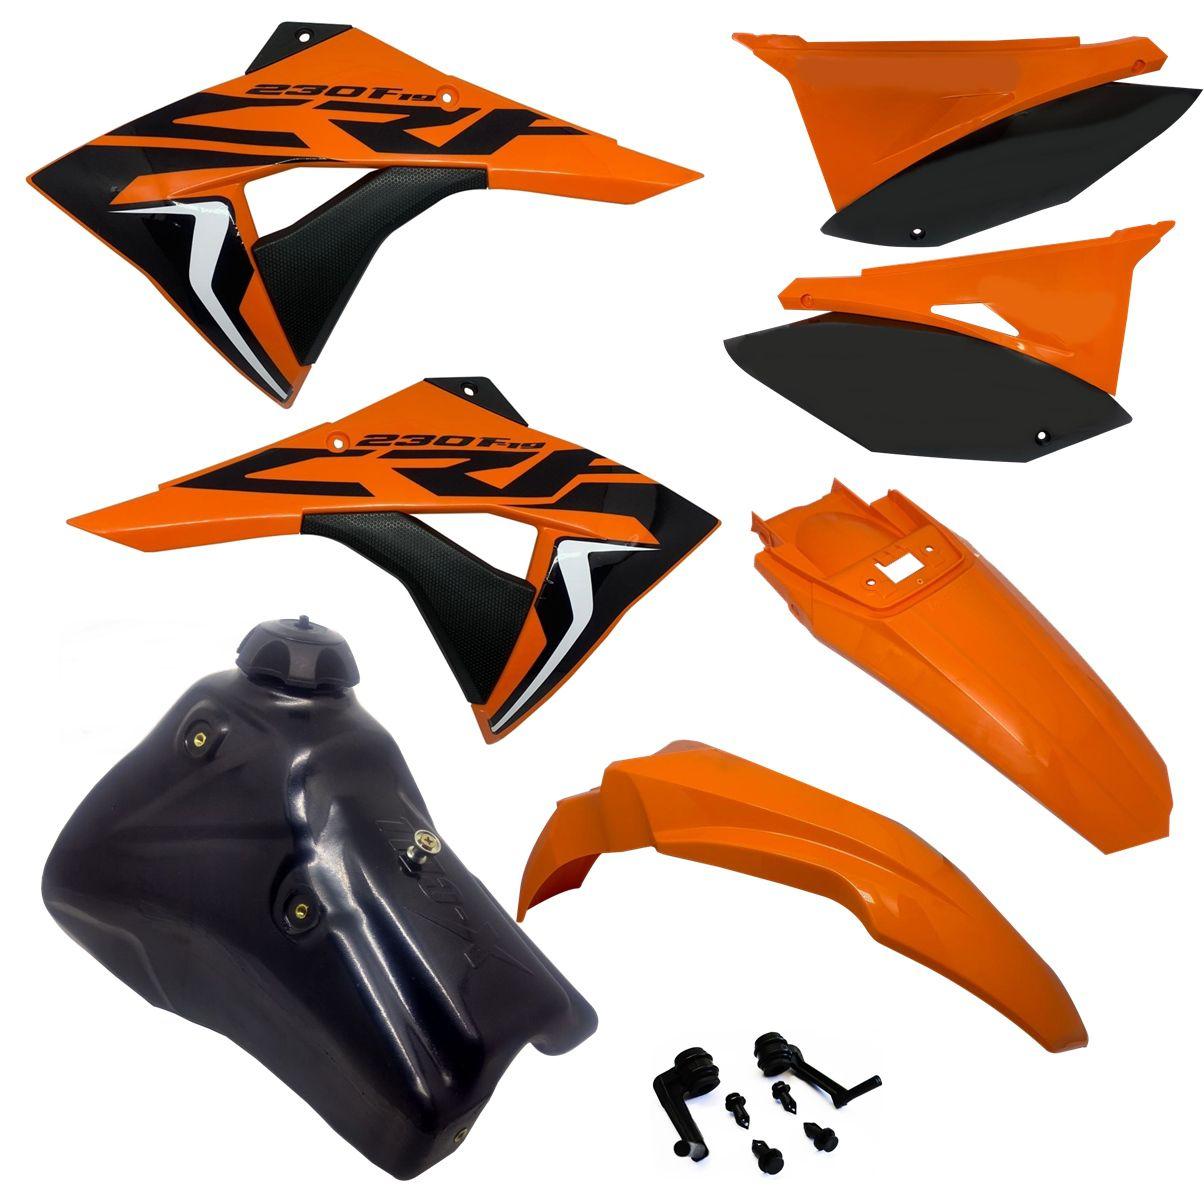 Kit Plástico Biker Next Crf 230 2007 P/ 2020 Adesivos e Tanque